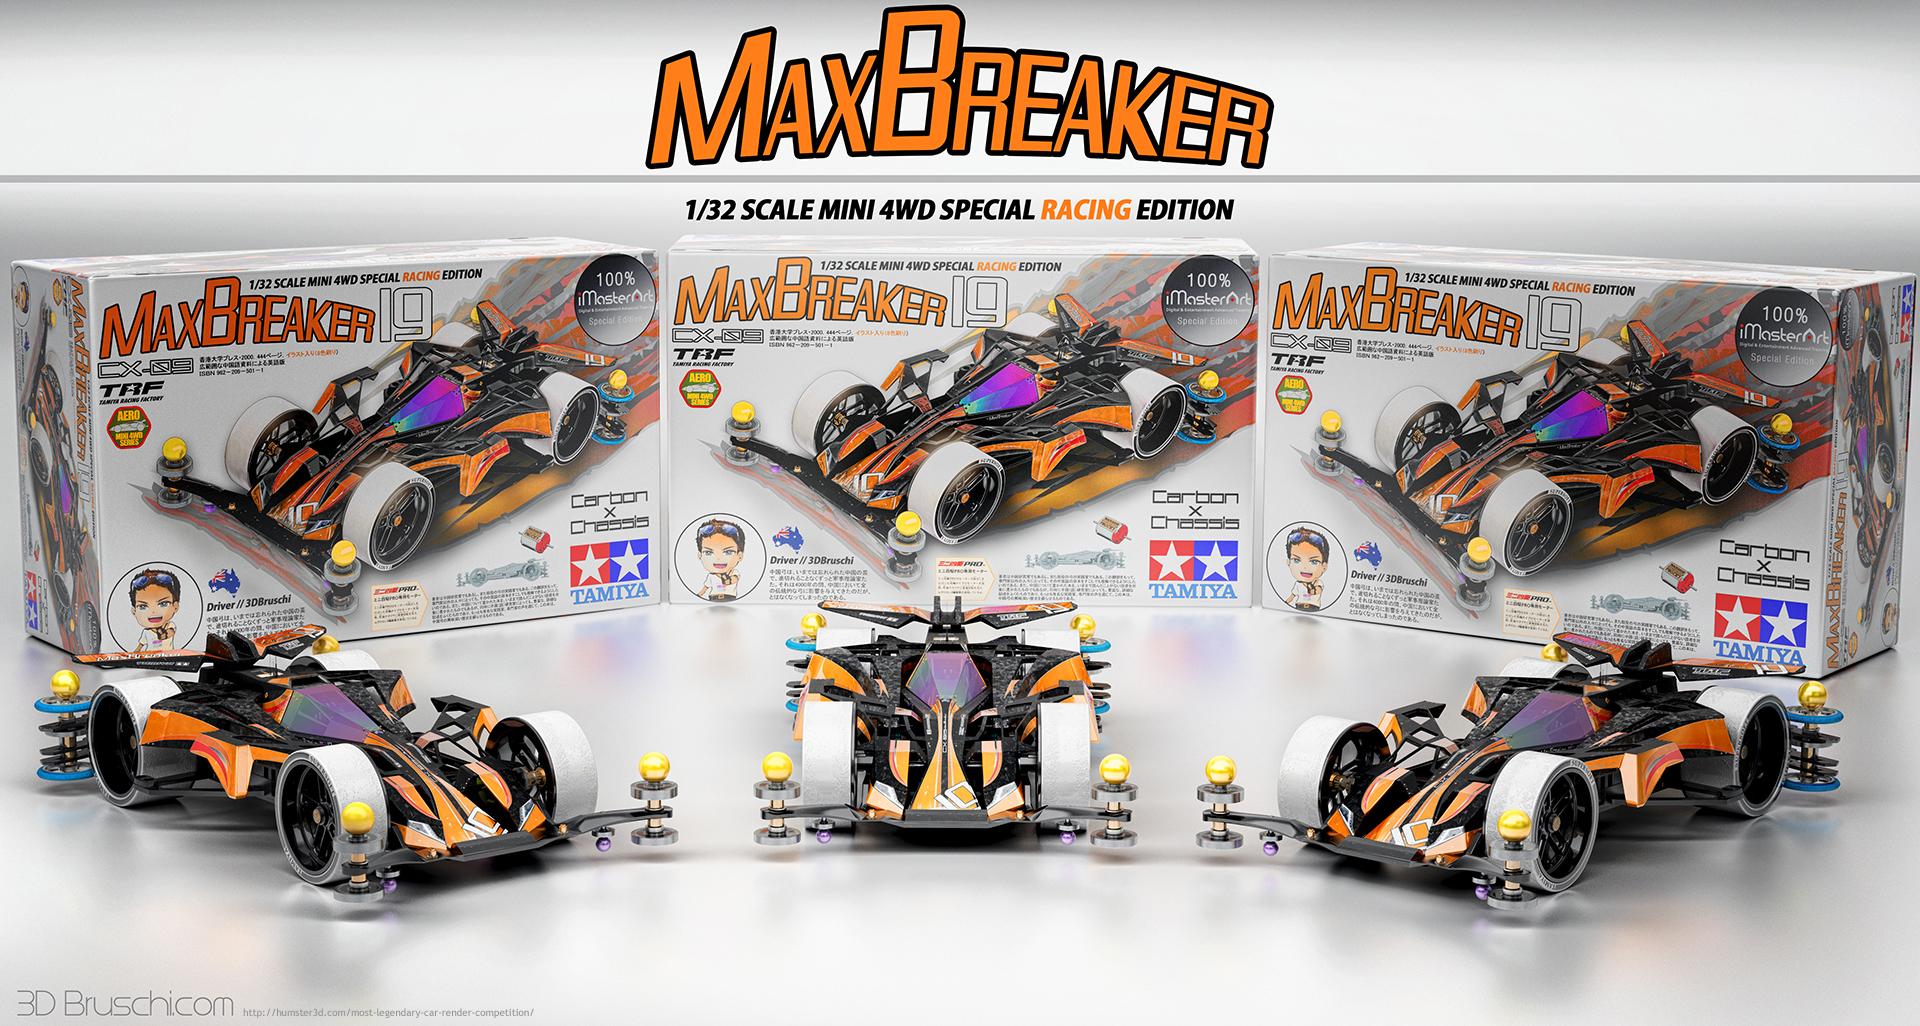 Mini 4WD Max Breaker Edition 3d art